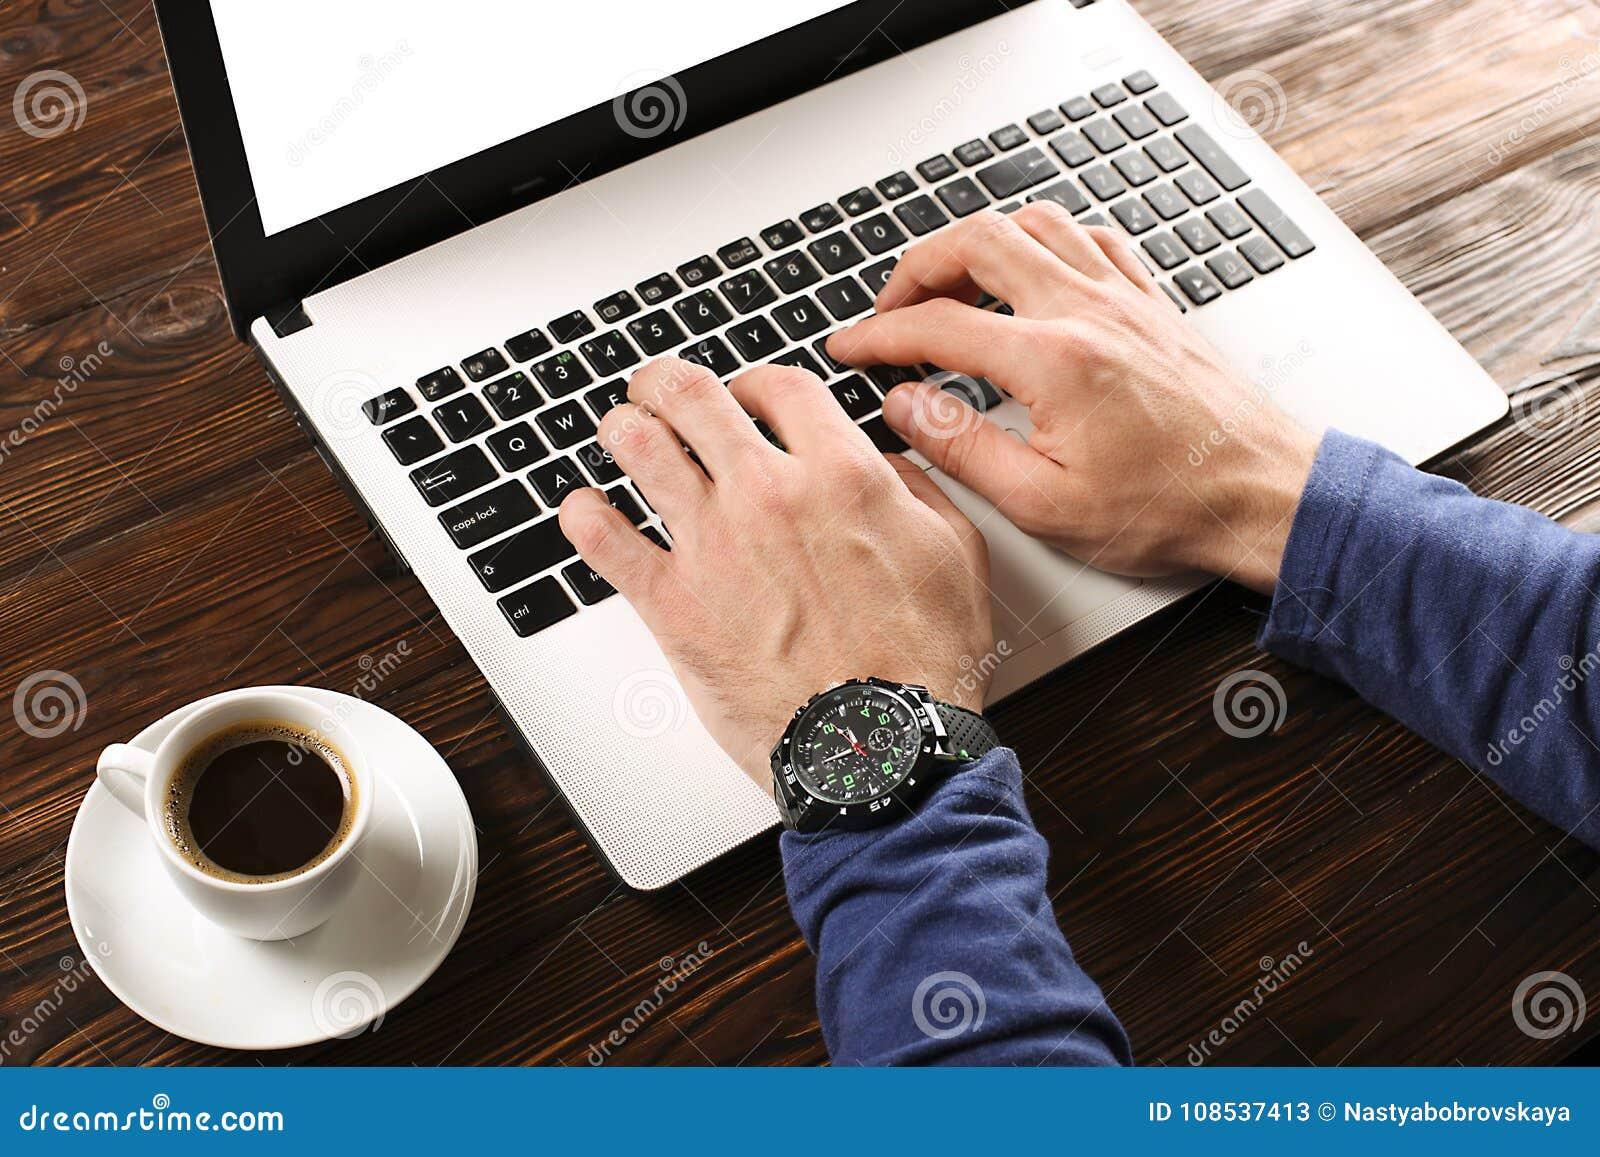 Estudante/blogger/escritor/homem ocasionalmente vestidos que trabalha no portátil do PC, datilografando no teclado, escrevendo o